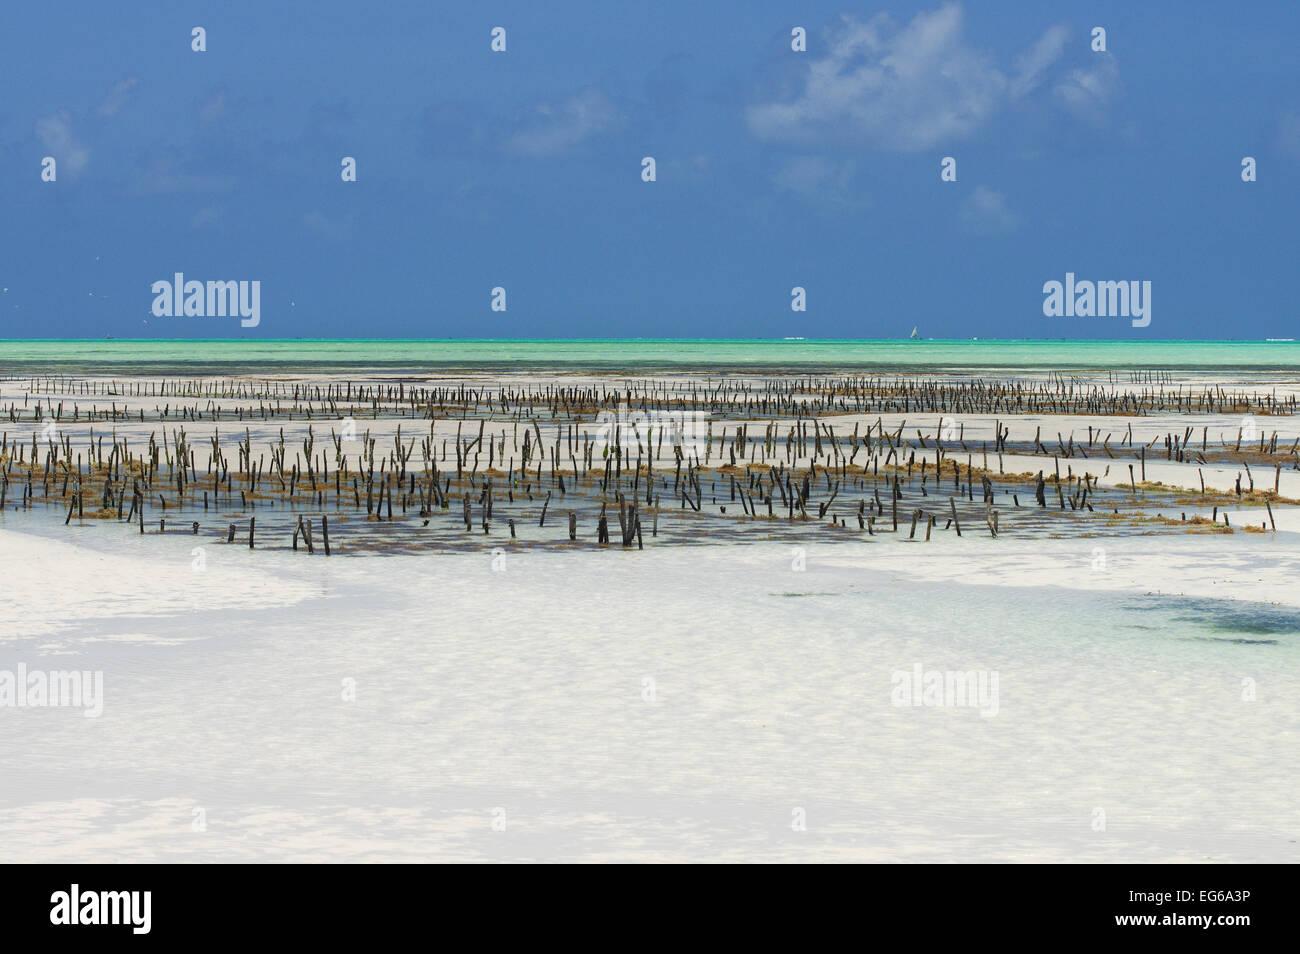 Seaweed farming in Zanzibar - Stock Image